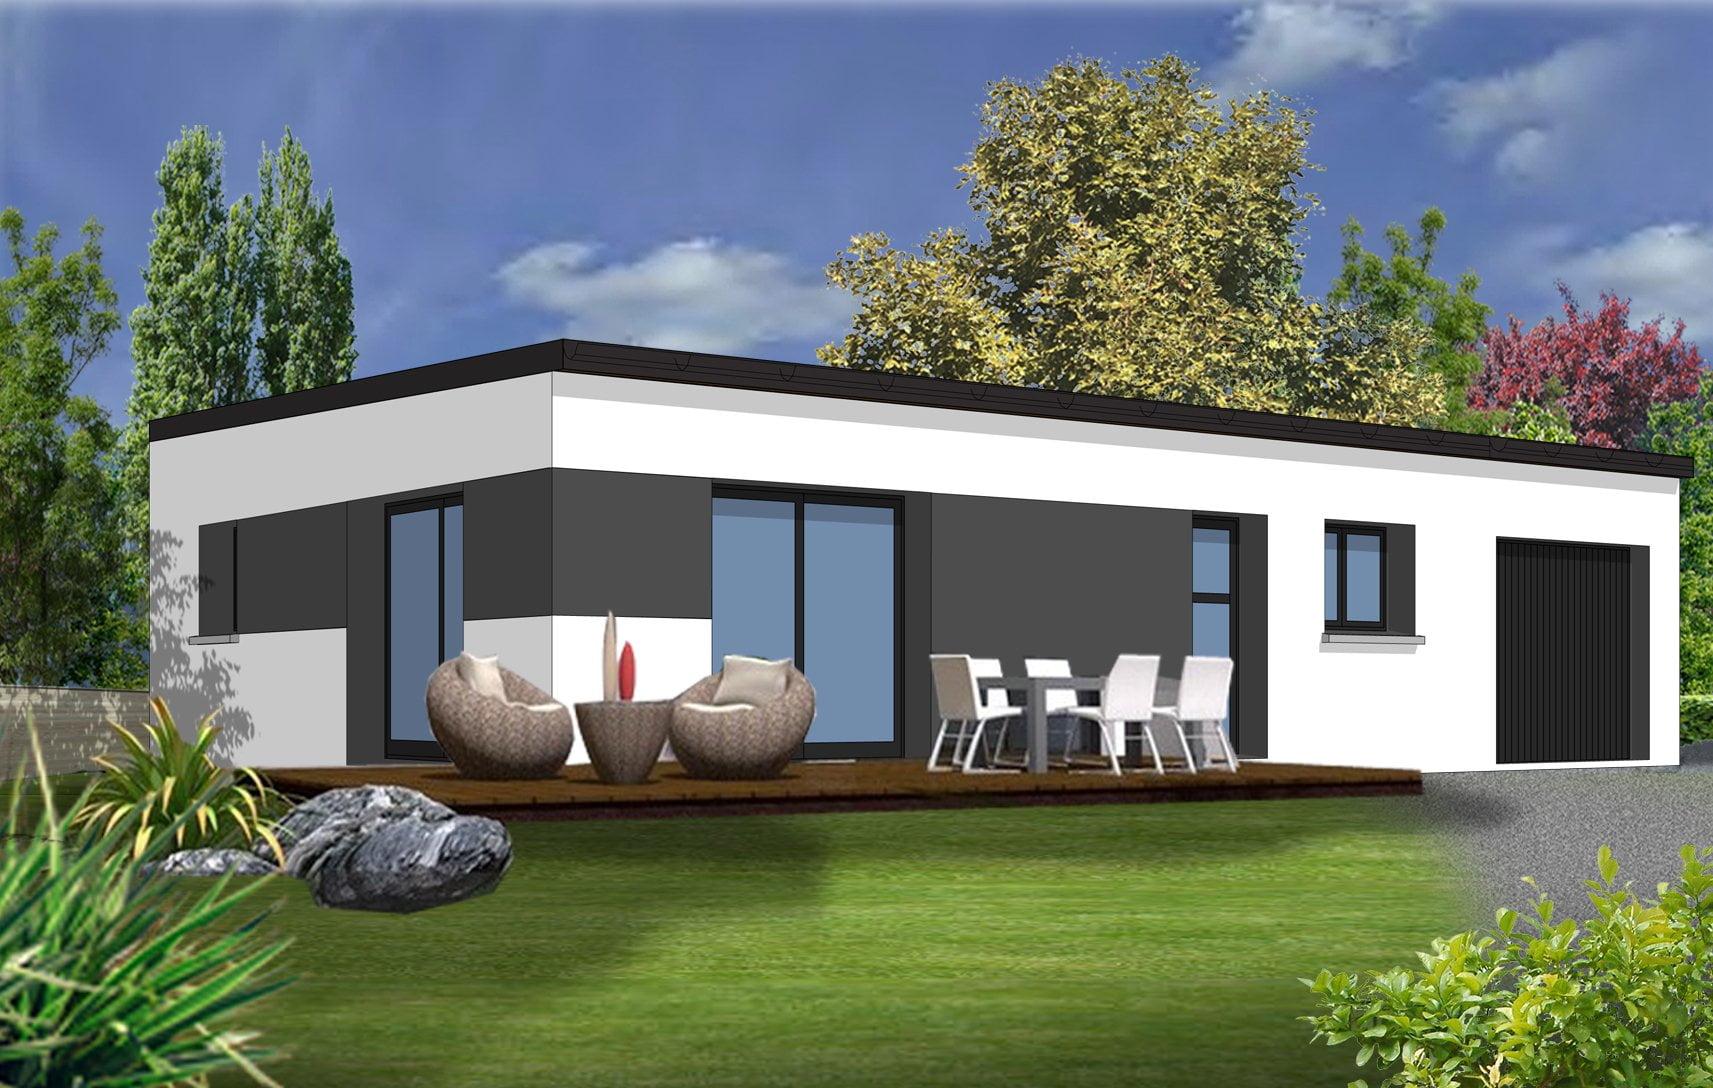 les atouts d une maison de plain pied axonpost. Black Bedroom Furniture Sets. Home Design Ideas